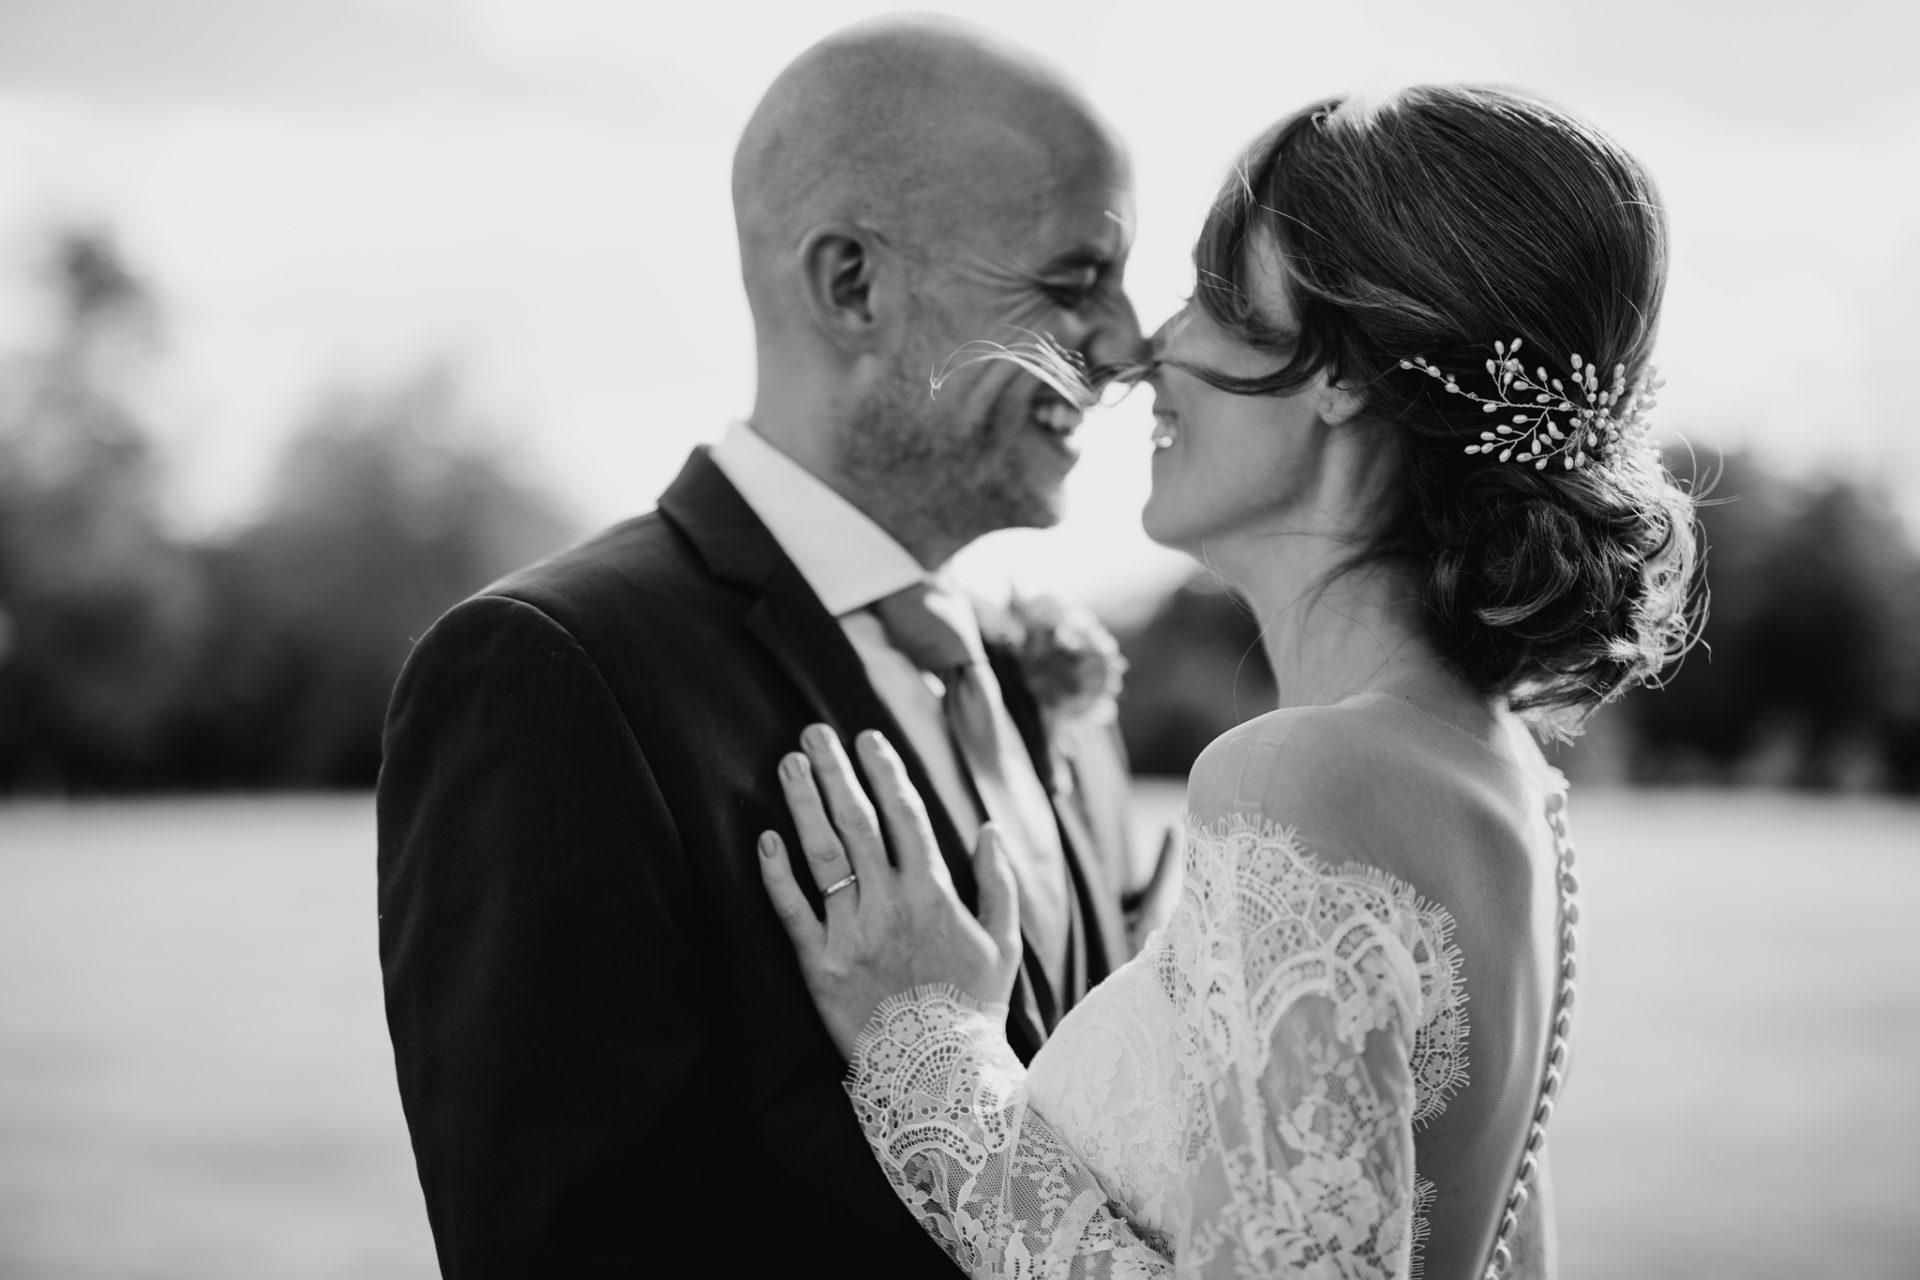 dramatic wedding portrait